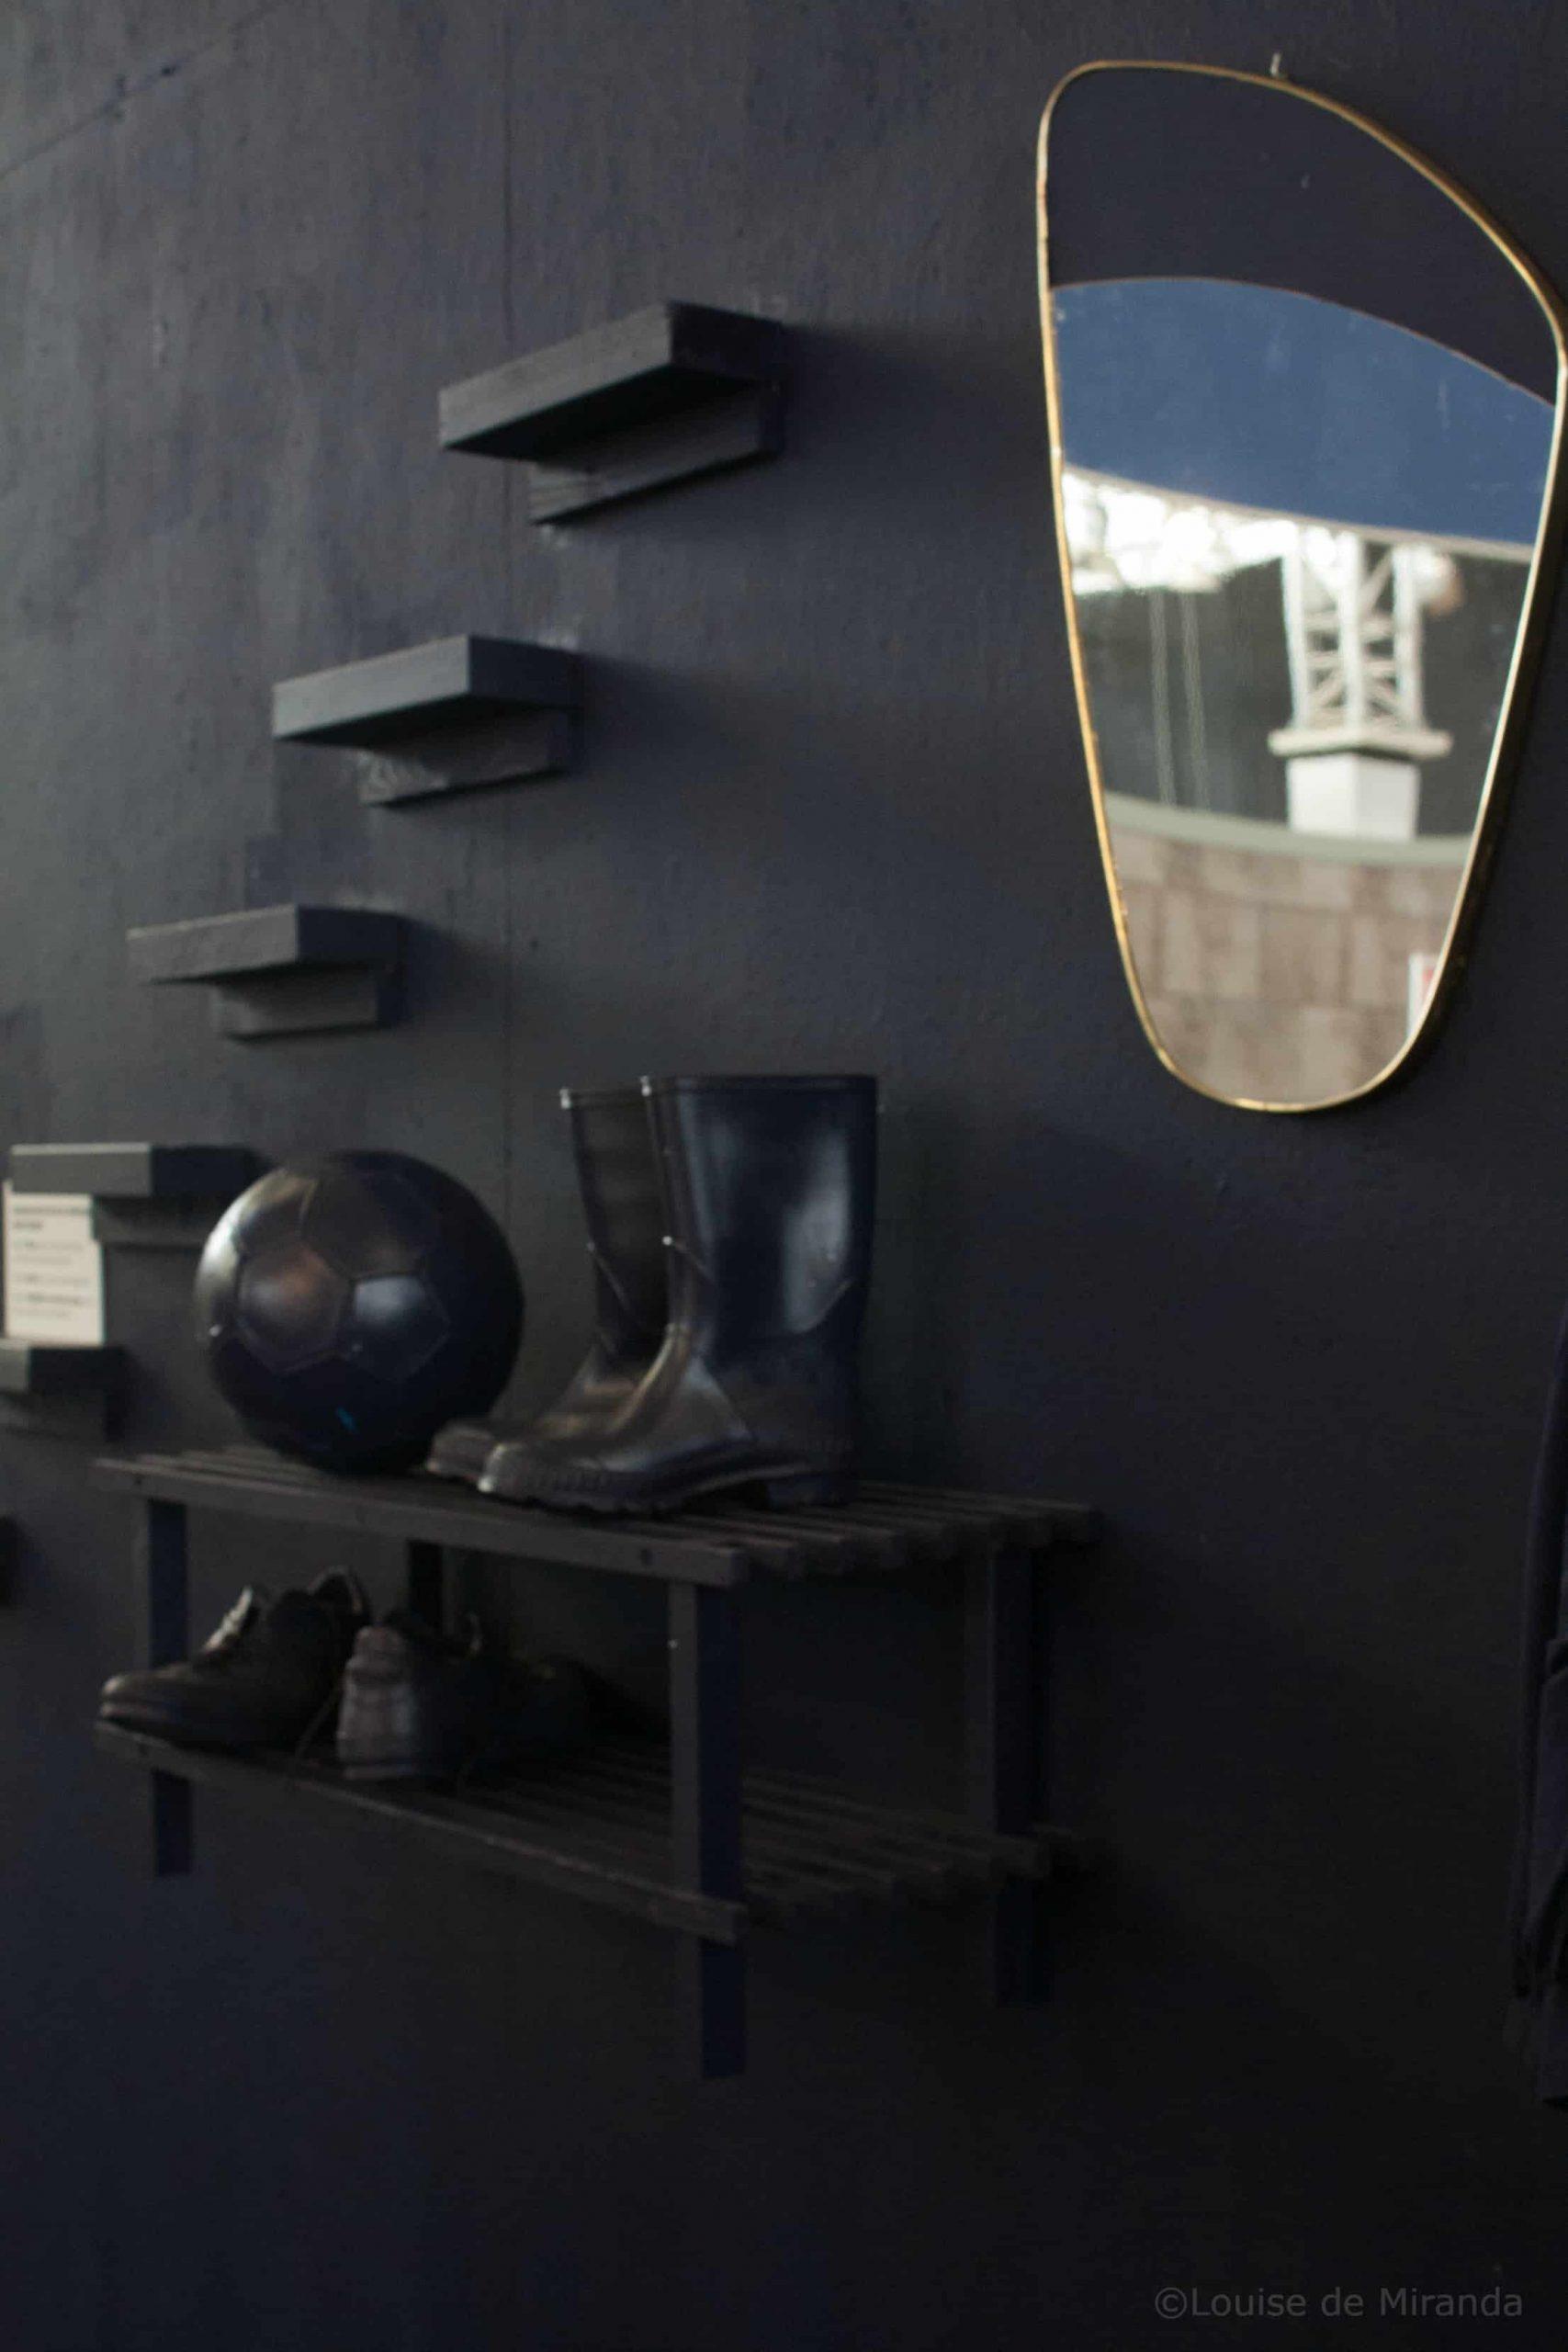 10-beursstyling-vt-wonen-en-design-beurs-rai-amsterdam